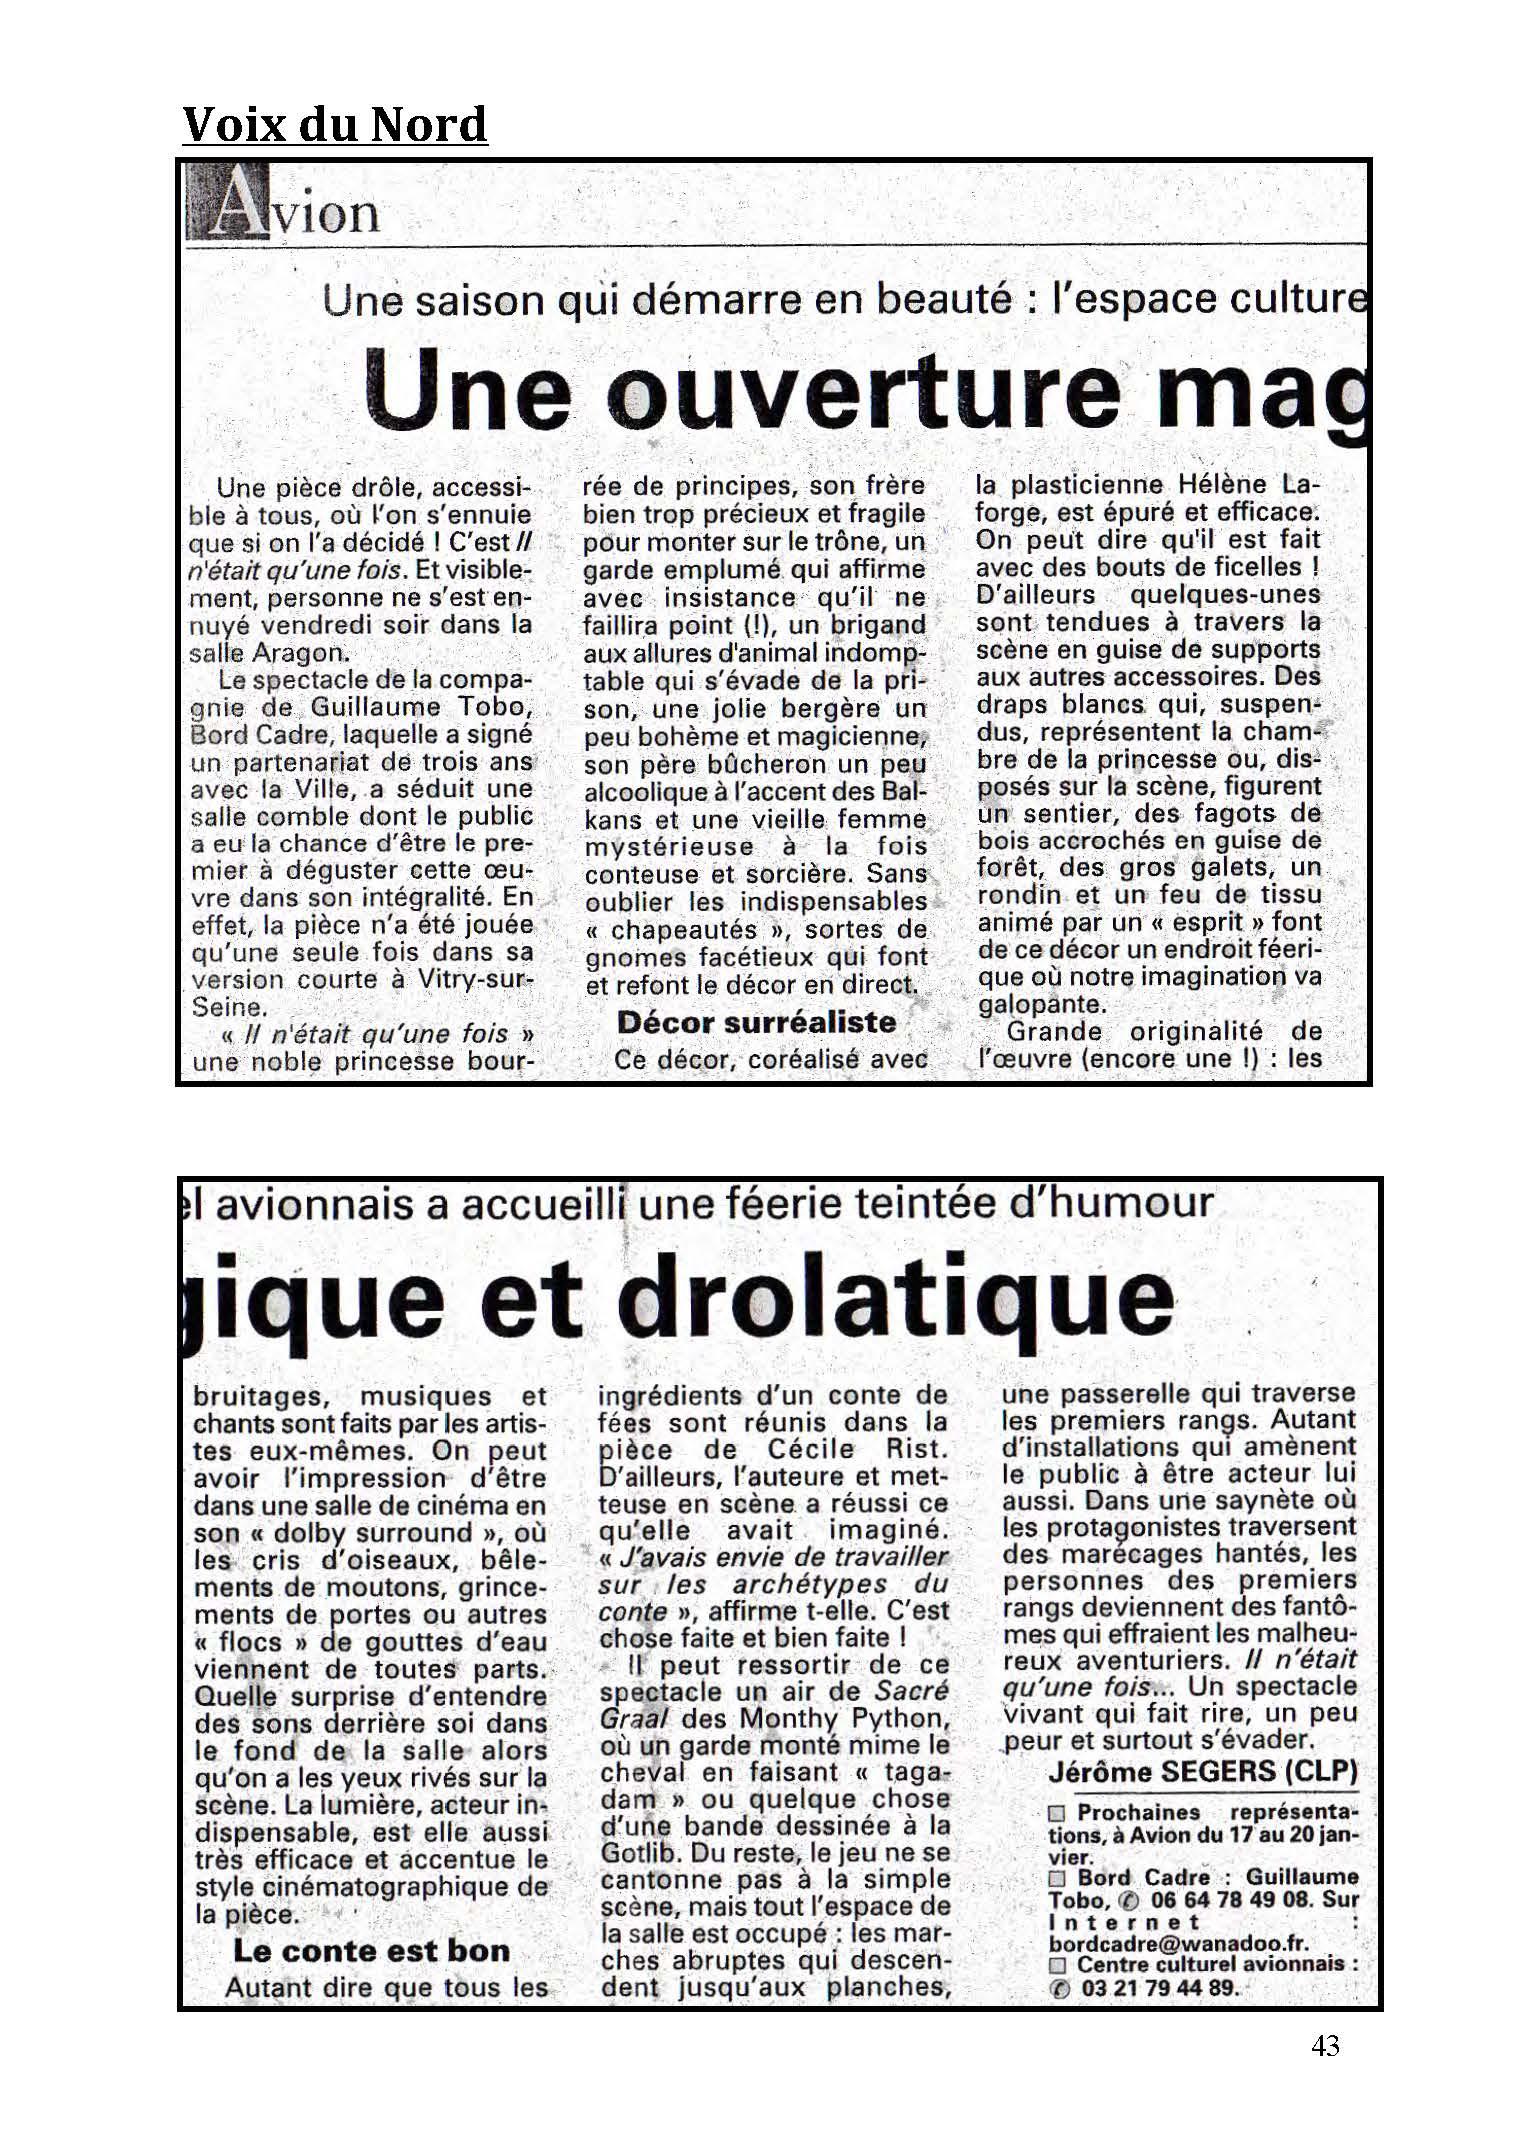 LA NUIT JUSTE AVANT LES FORÊTS - Revue de presse de BordCadre & Cécile Rist_Page_39